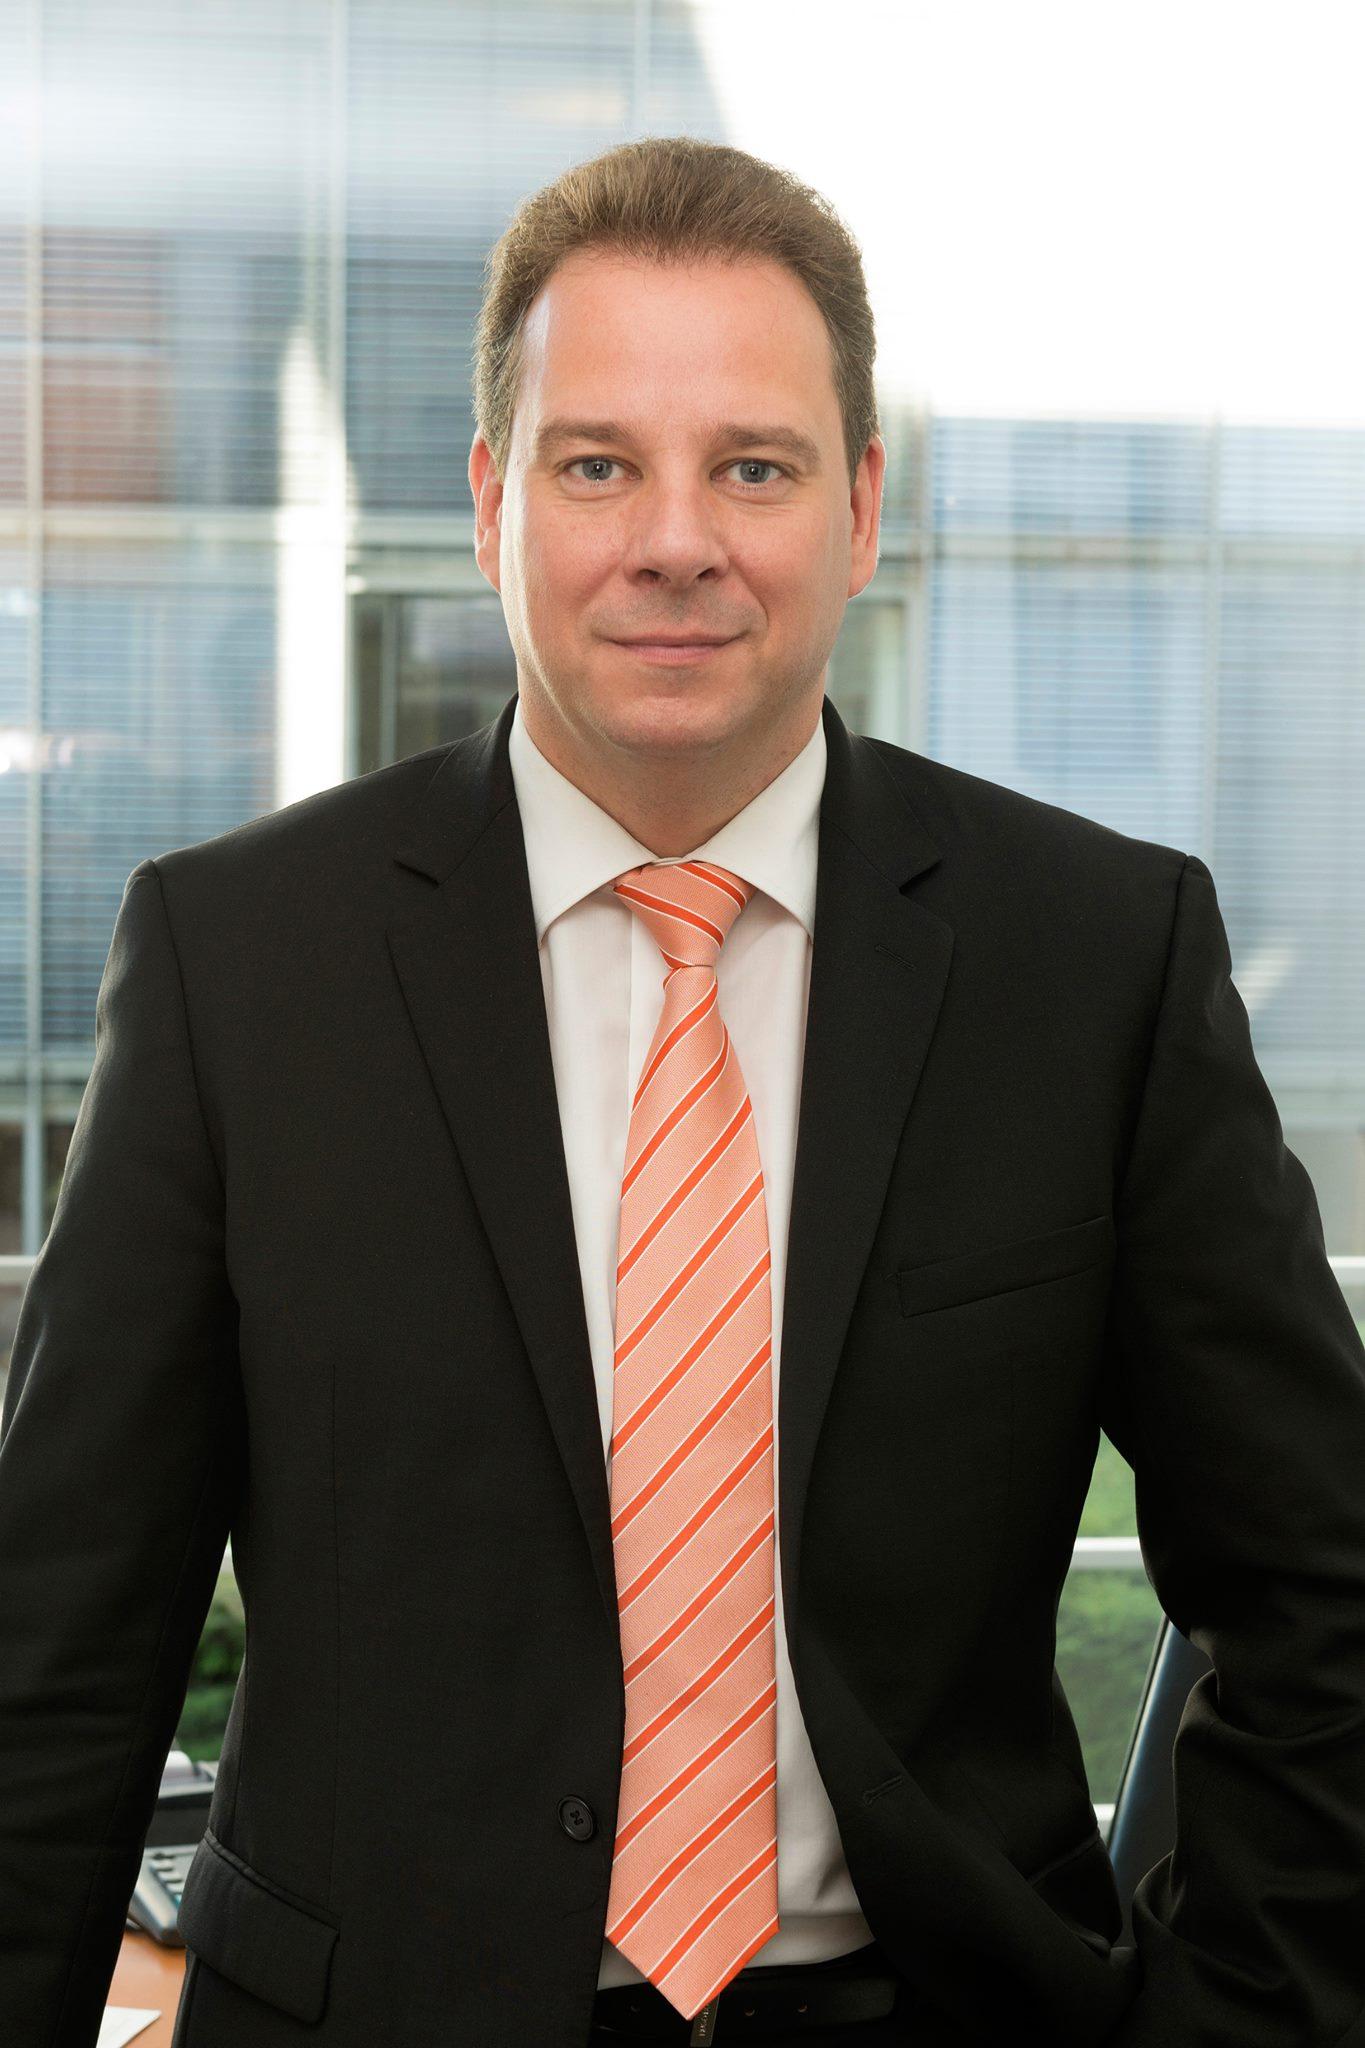 Andreas Mattfeldt